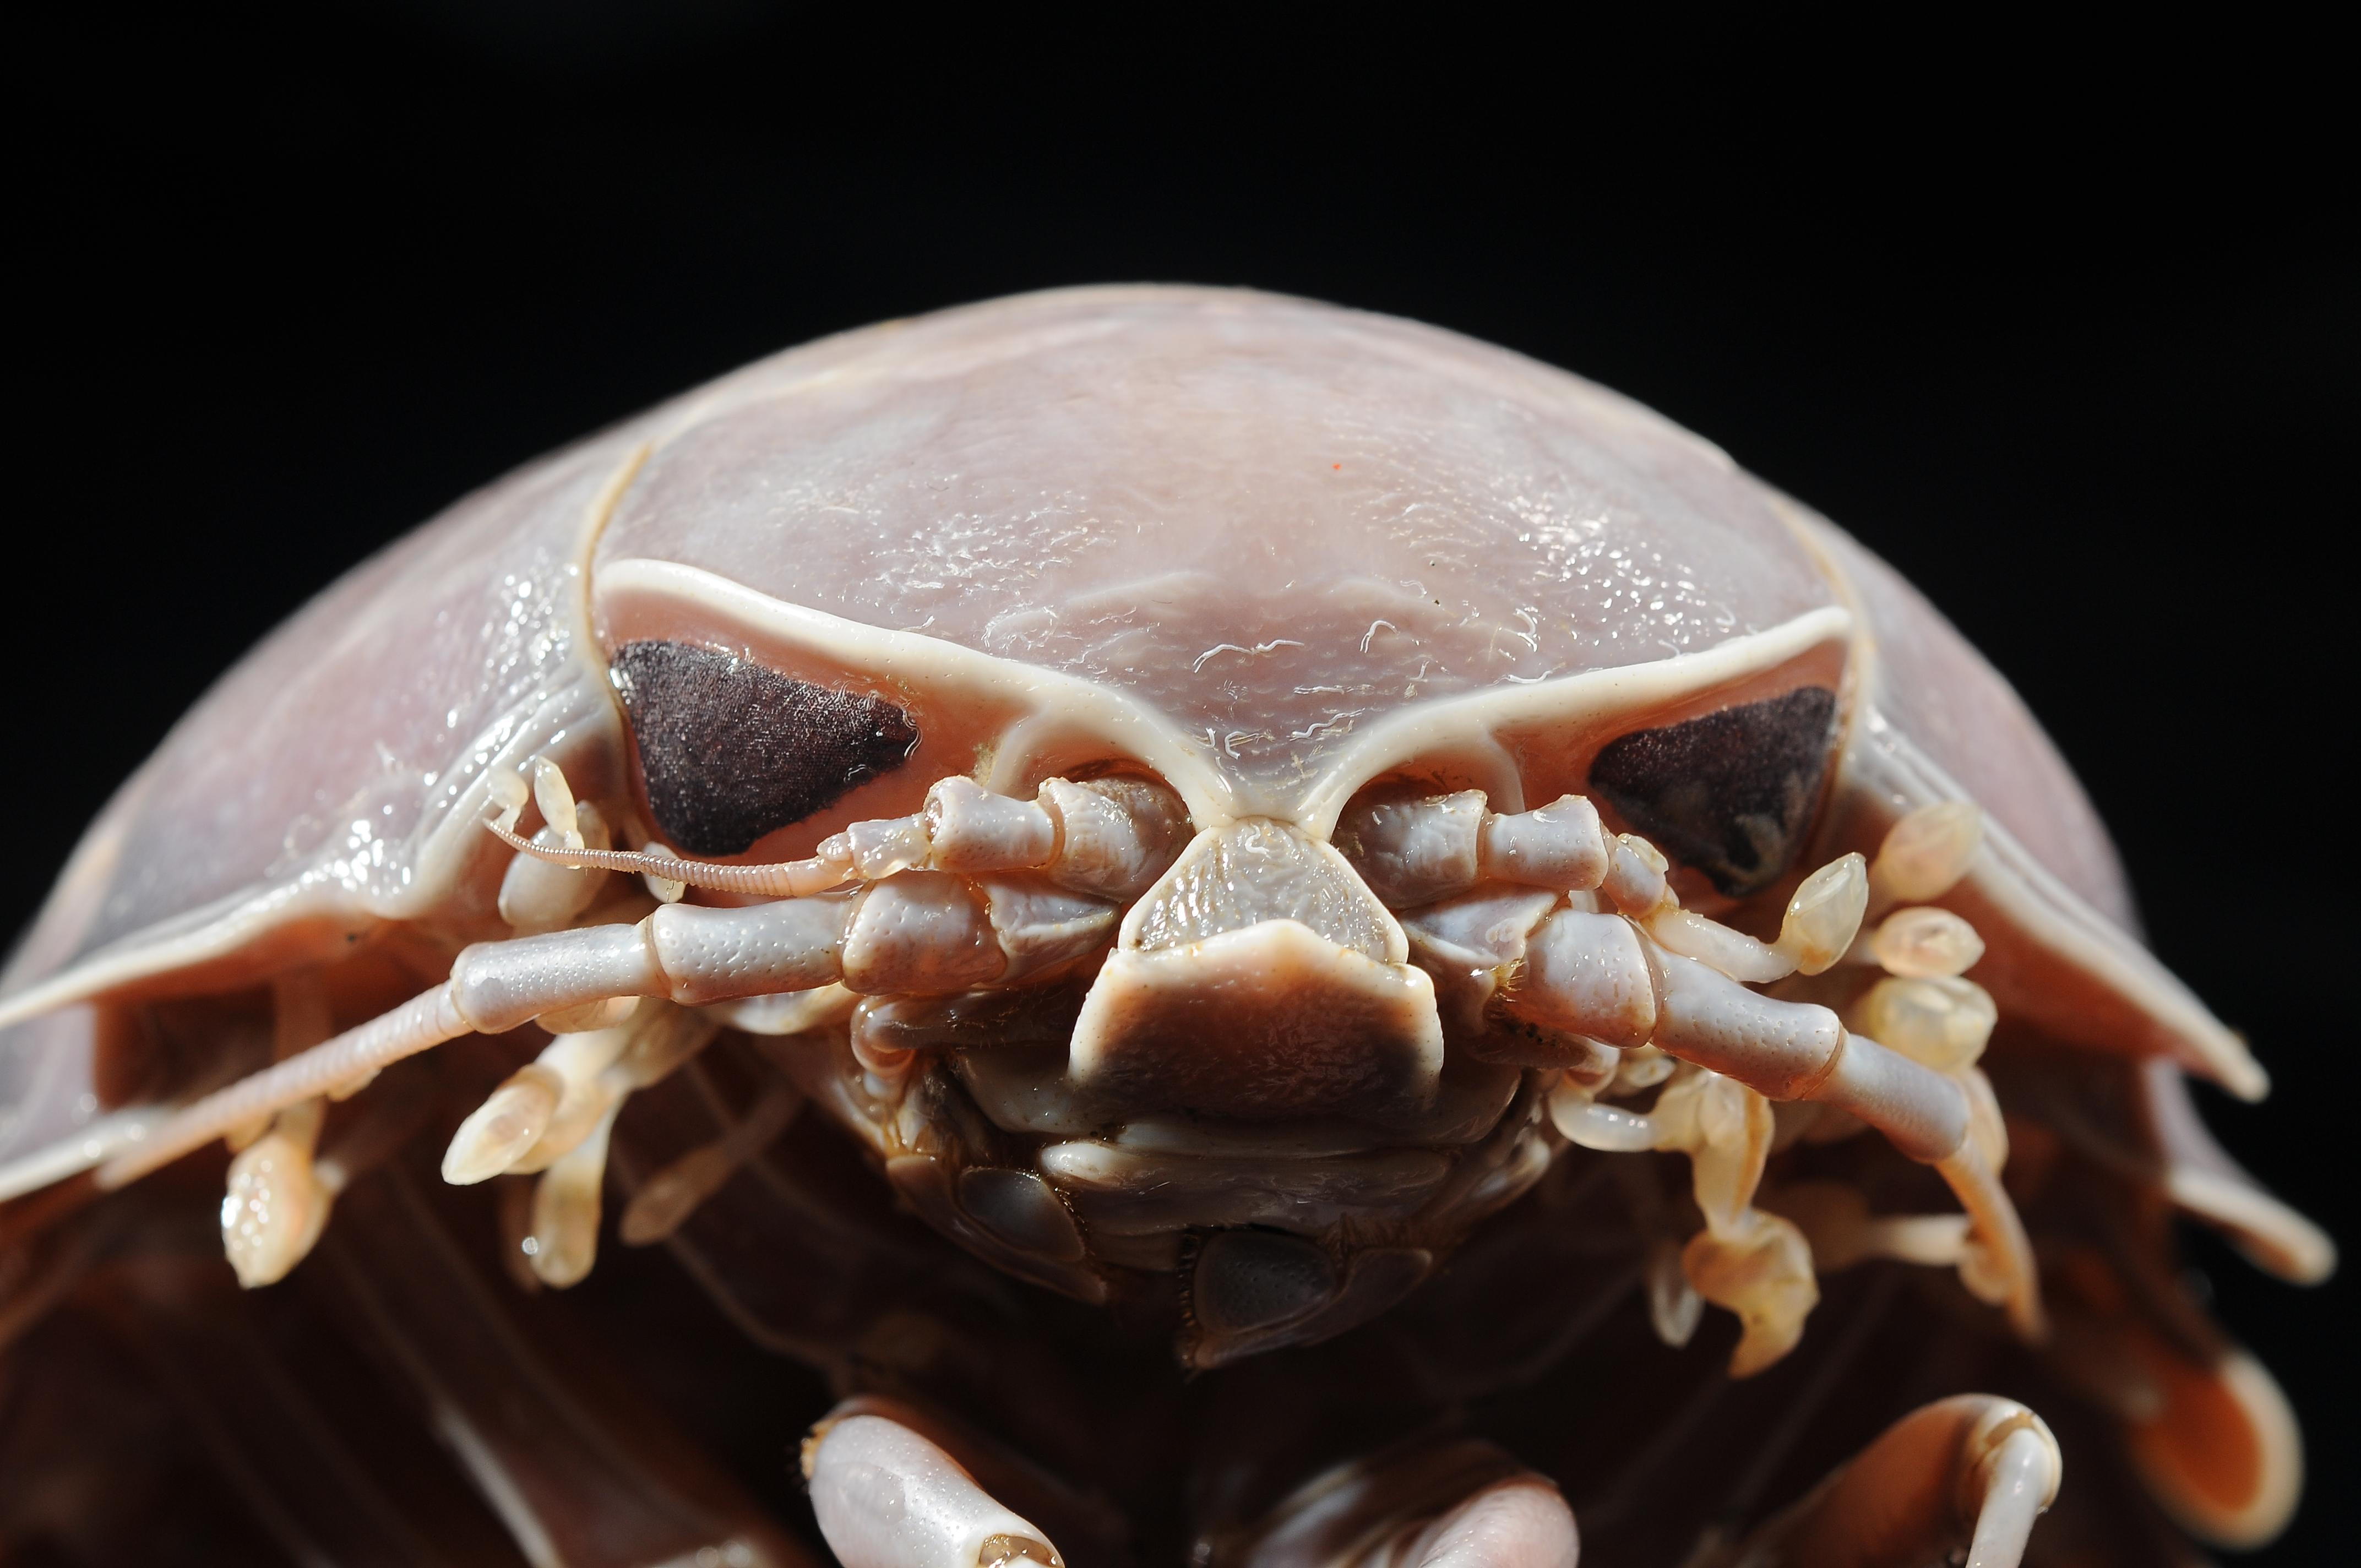 Les faunes de profondeur ne brillent pas par leurs couleurs, mais elles surprennent par les formes bizarres de certains animaux. En Guyane, la palme va sans aucun doute au Bathynomus, un isopode géant charognard, entre cloporte de cauchemar et animal de science-fiction . © Laure Corbari /Planète Revisitée en Guyane/MNHN/PNI